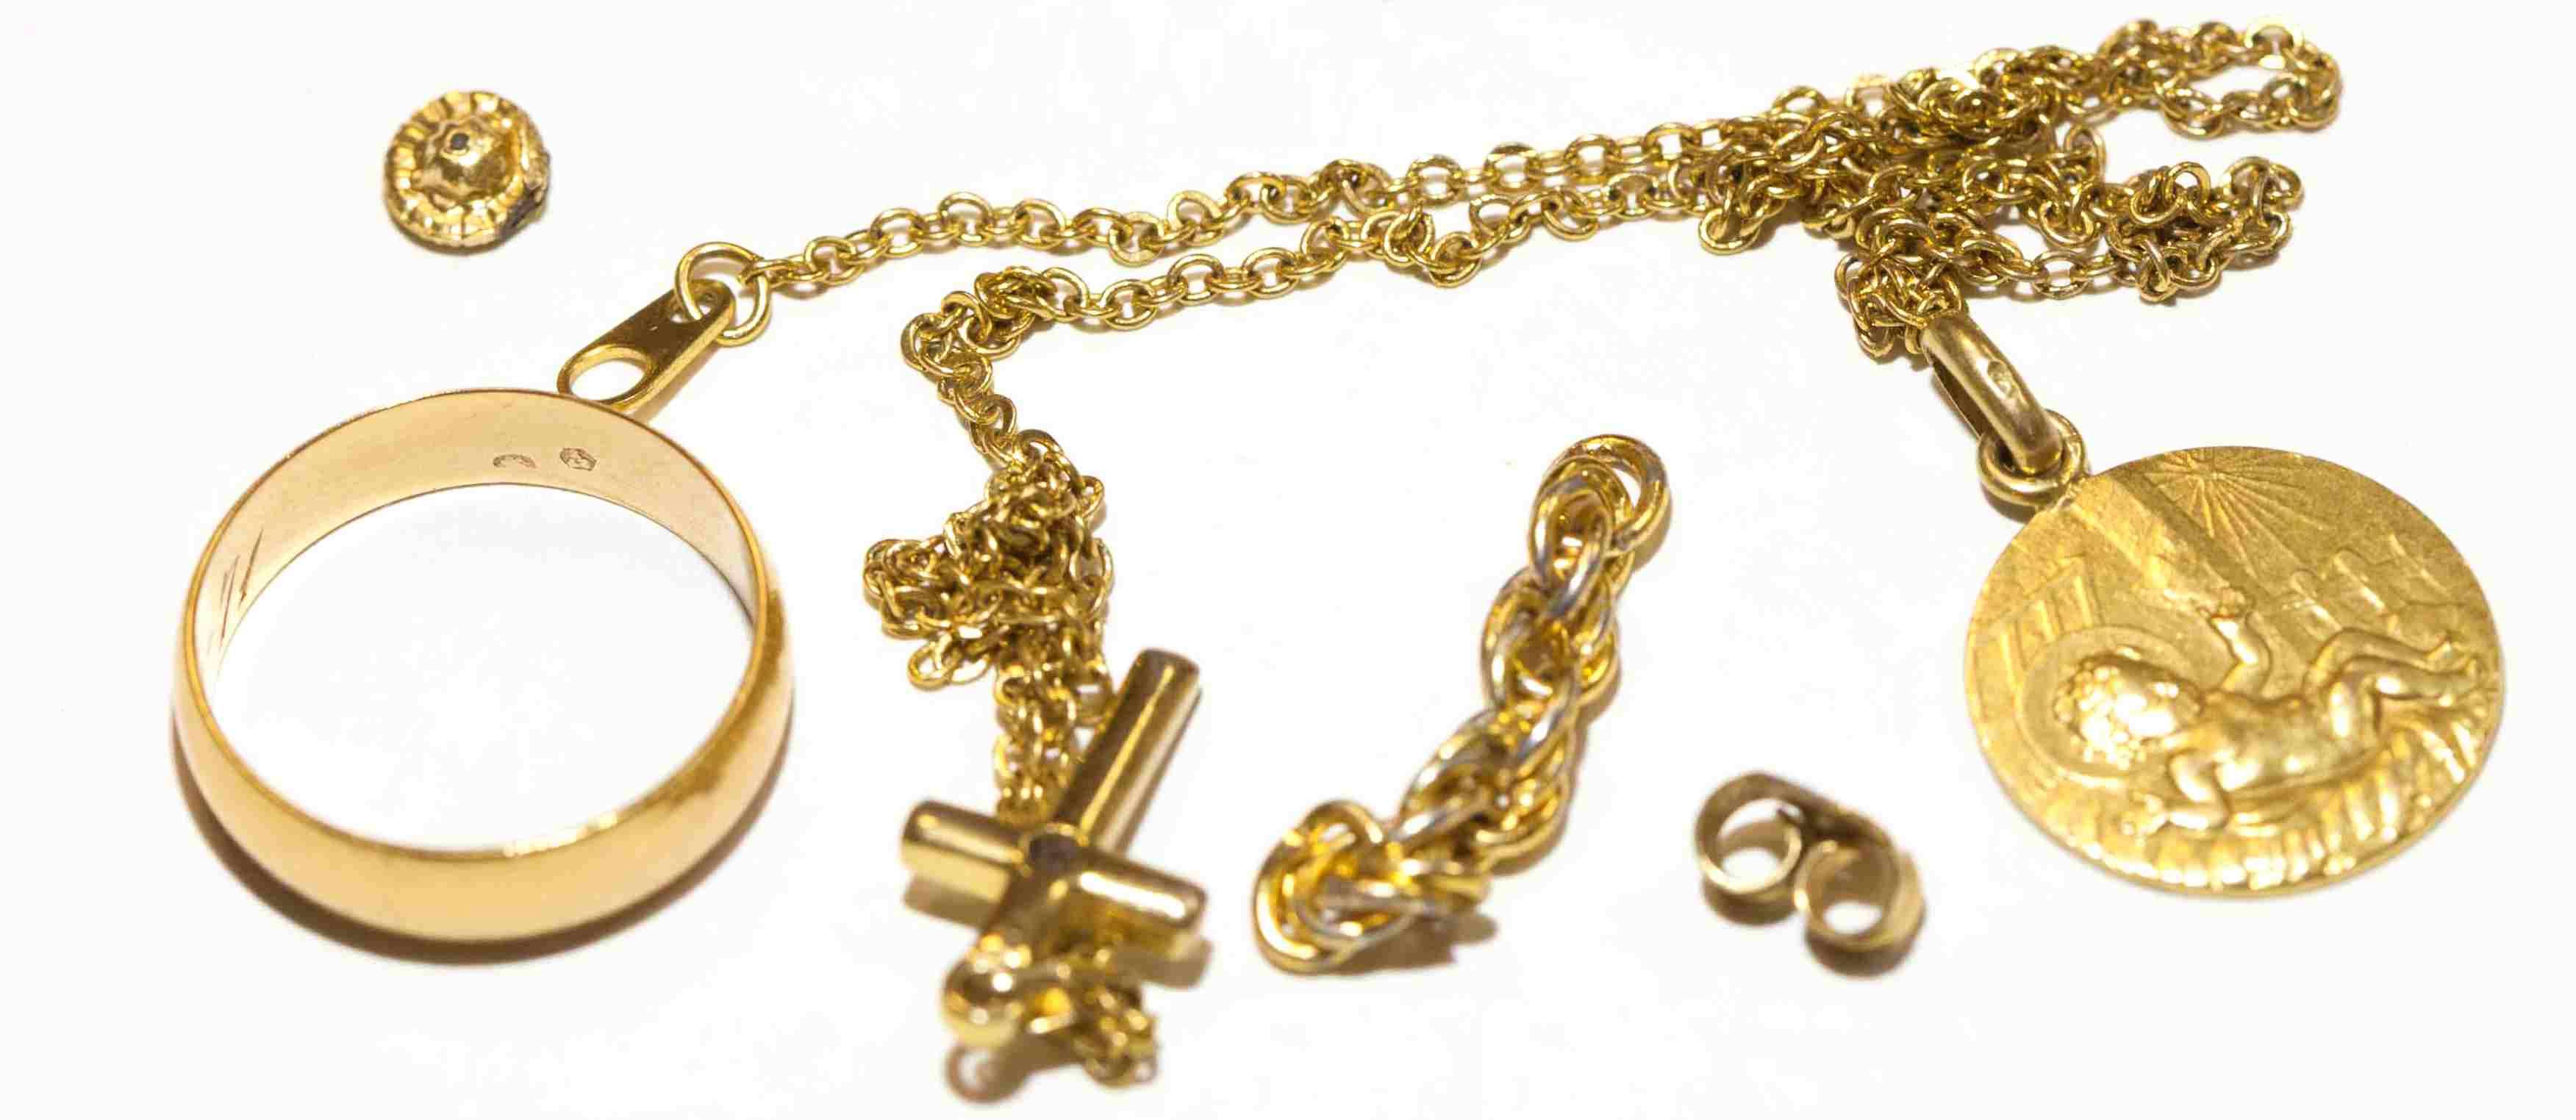 conocer el precio de mis joyas de oro